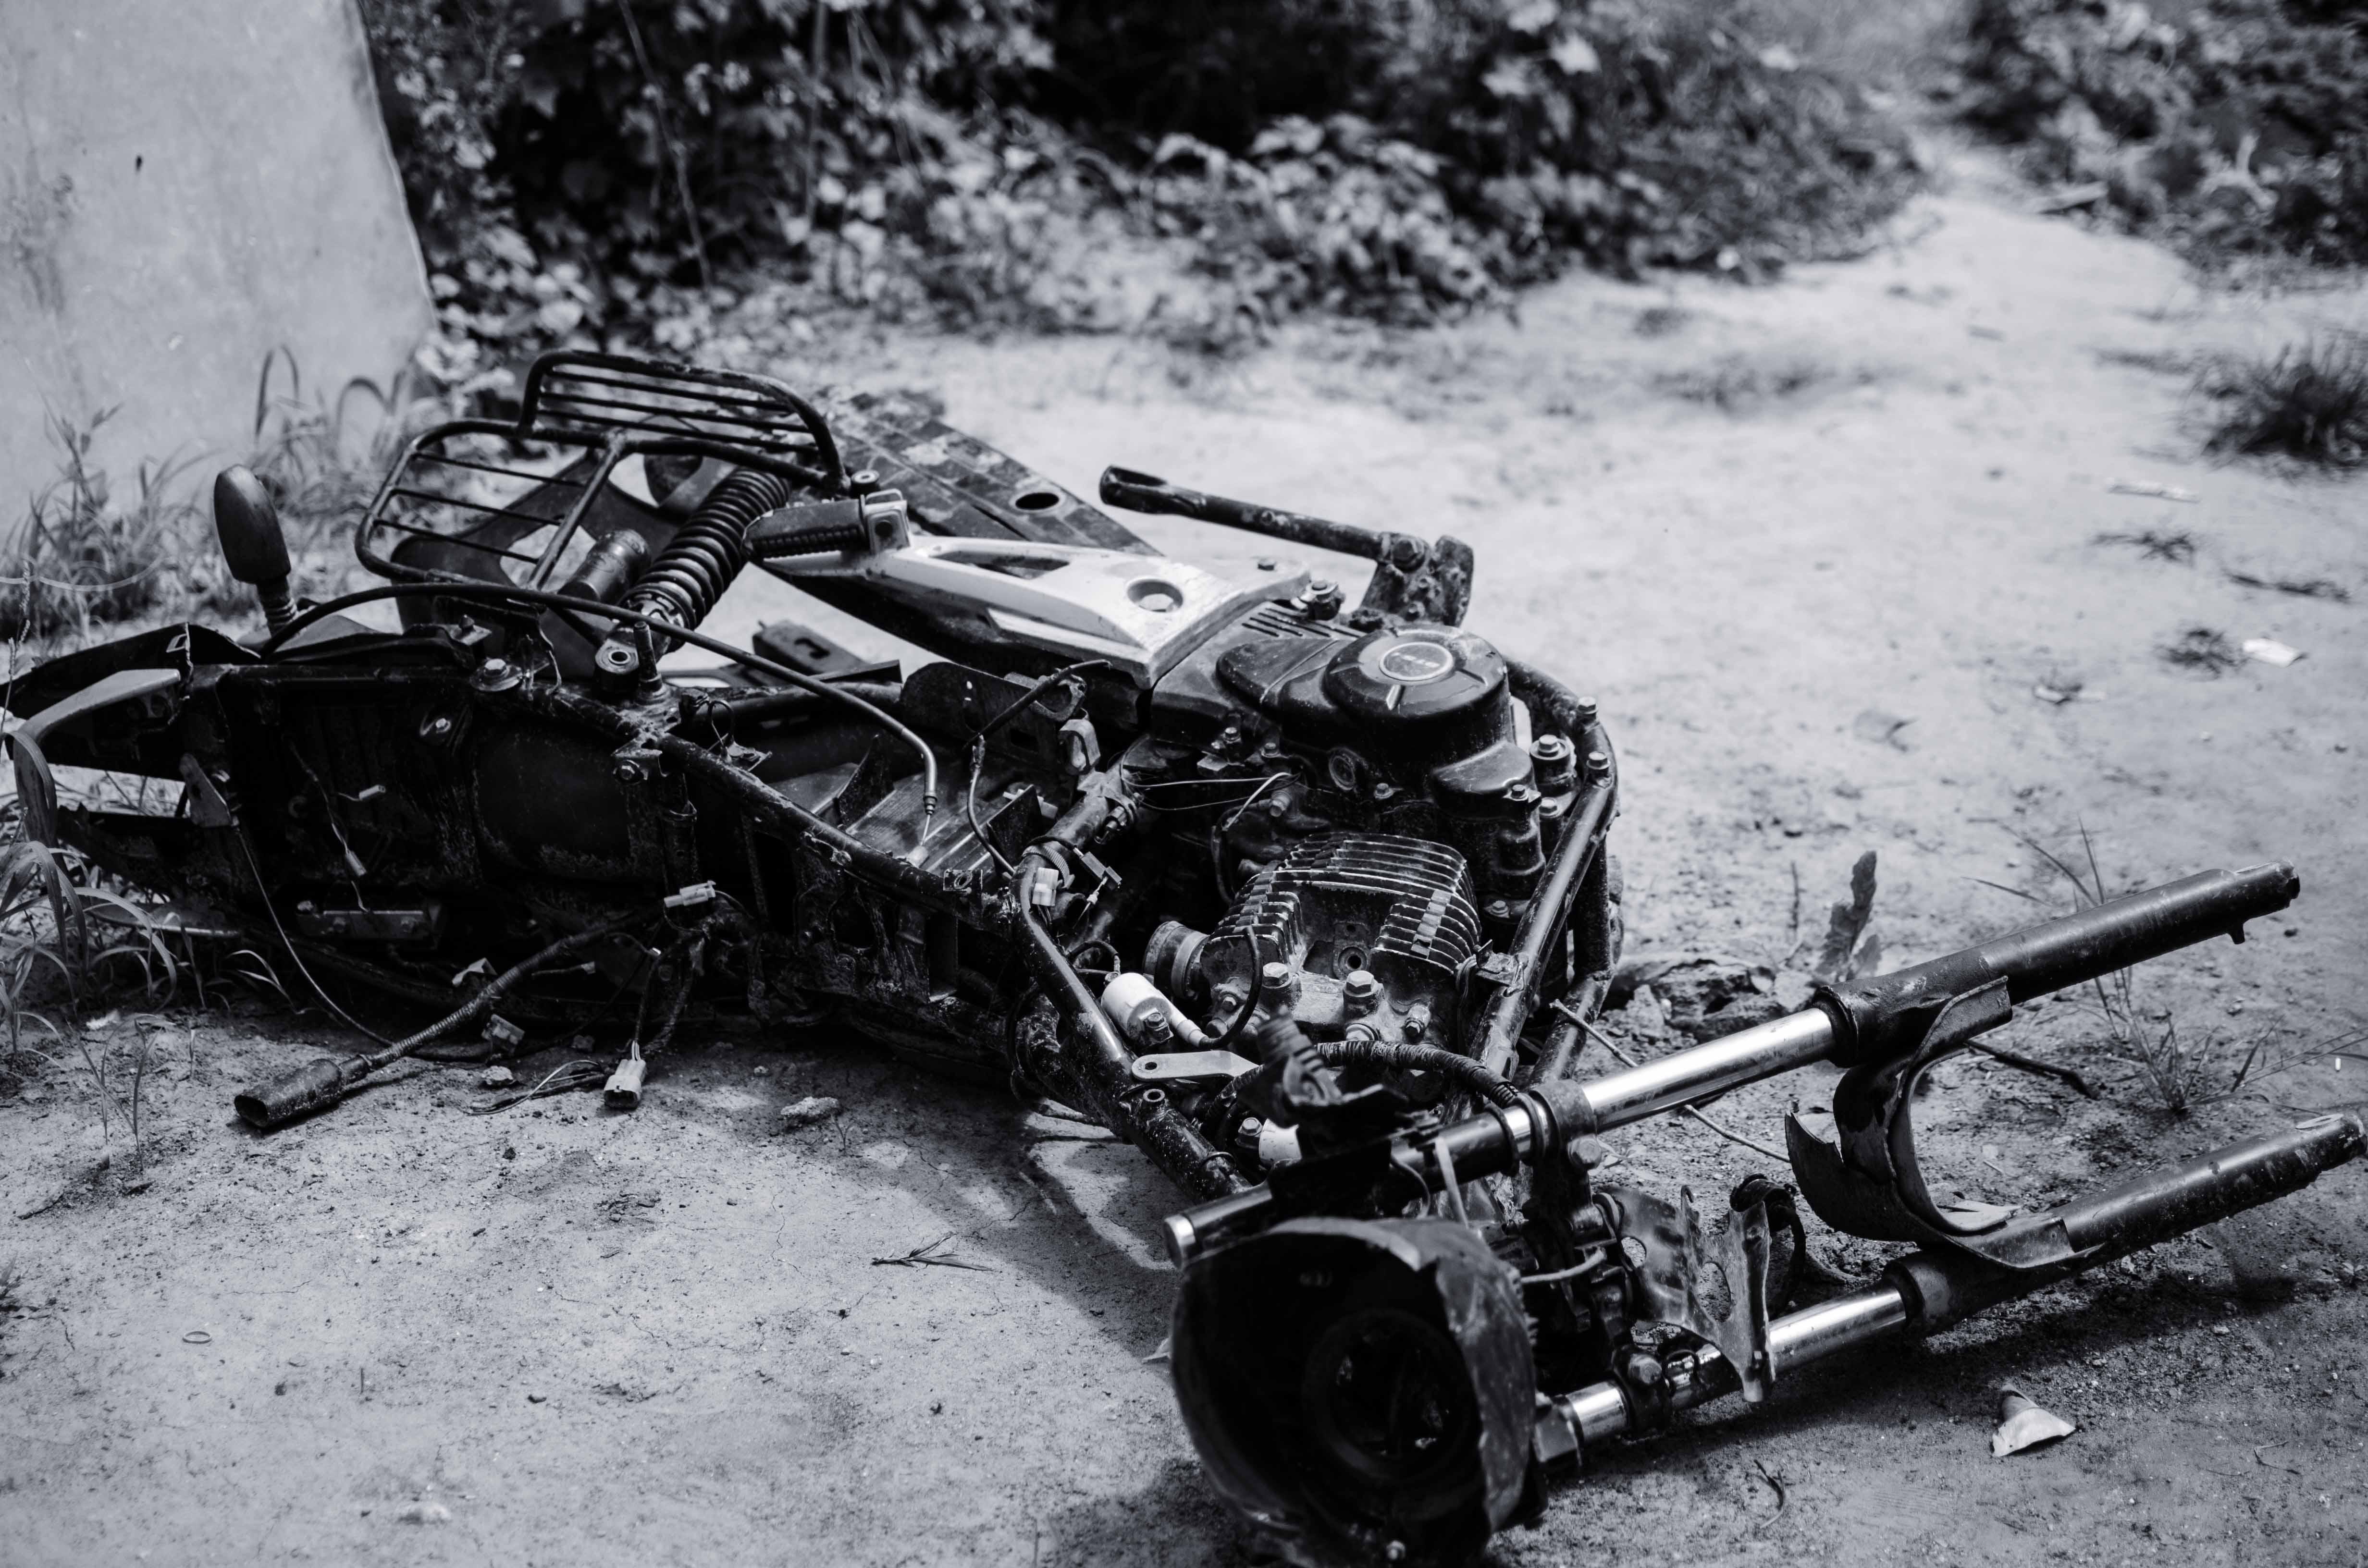 bike burnt down in vadavli riot